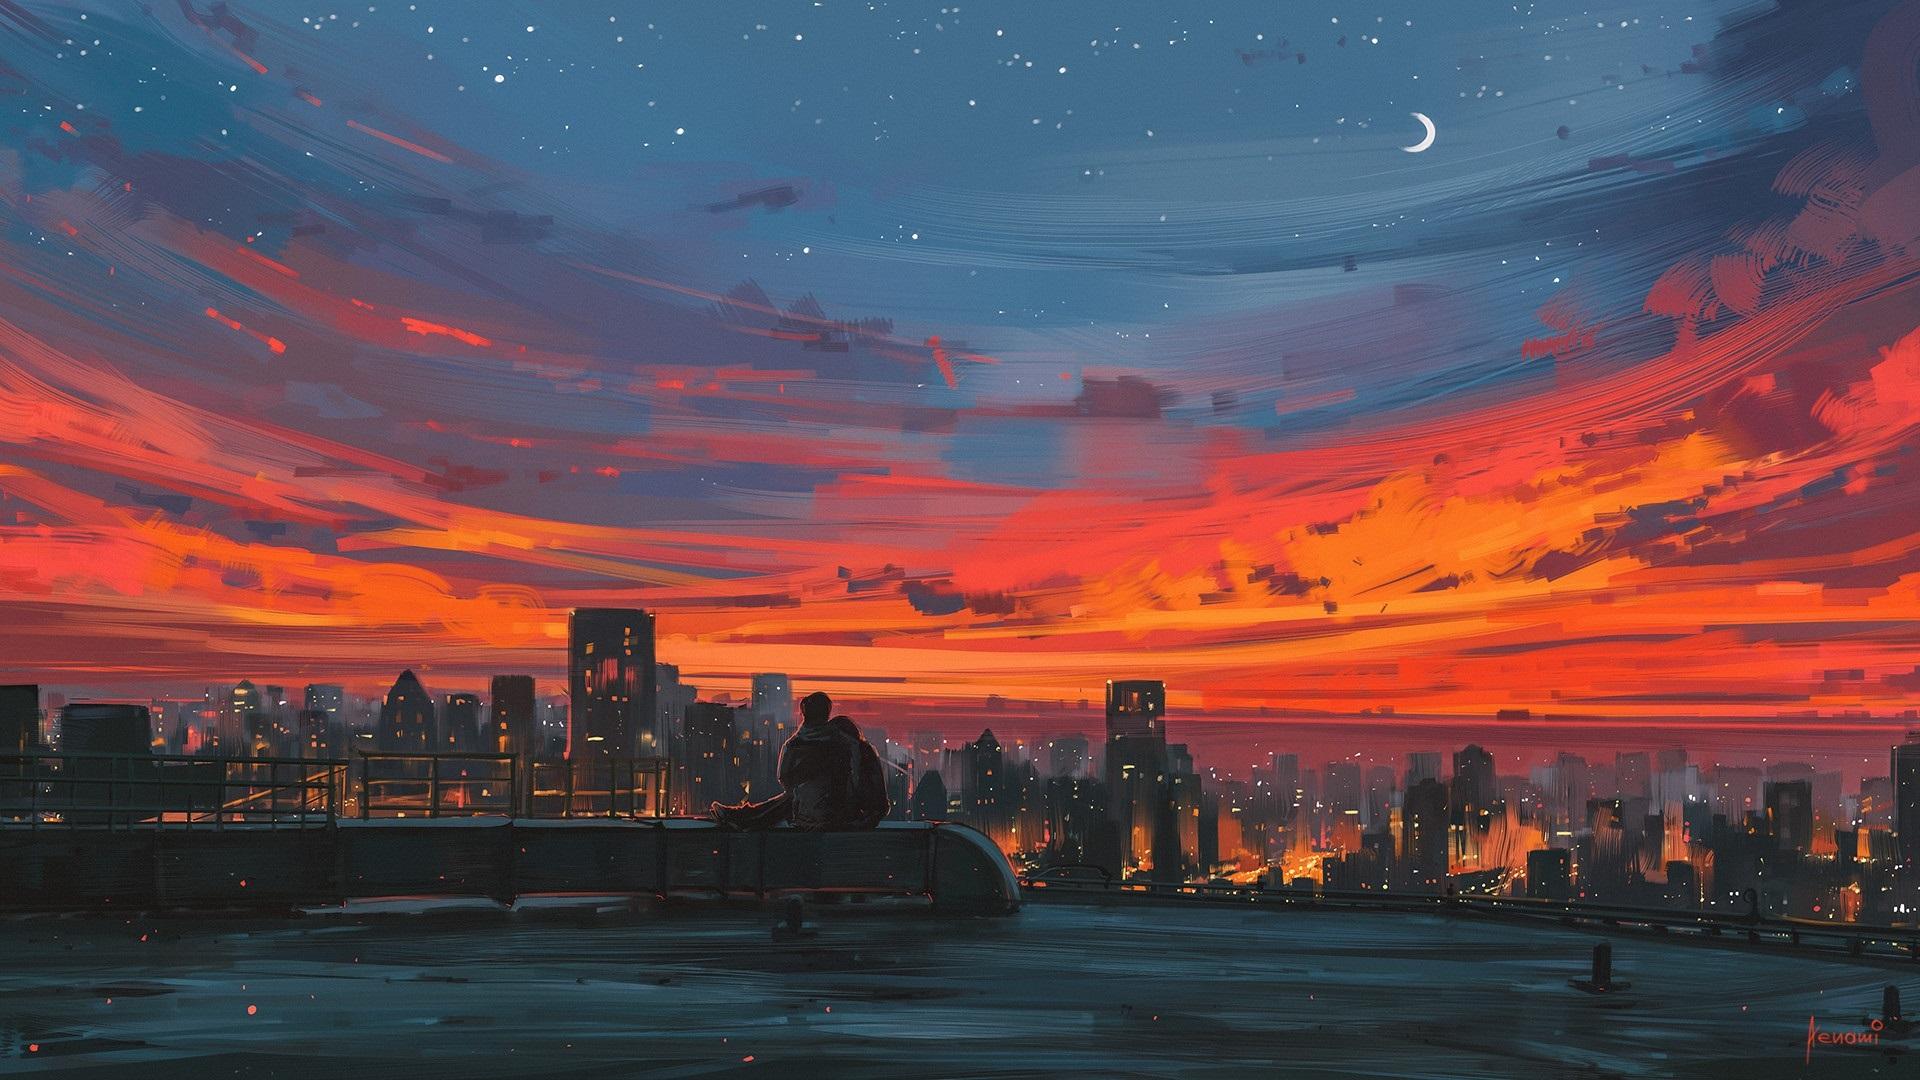 壁紙 都市の夜 屋根 恋人 芸術の絵画 1920x1080 Full Hd 2k 無料の